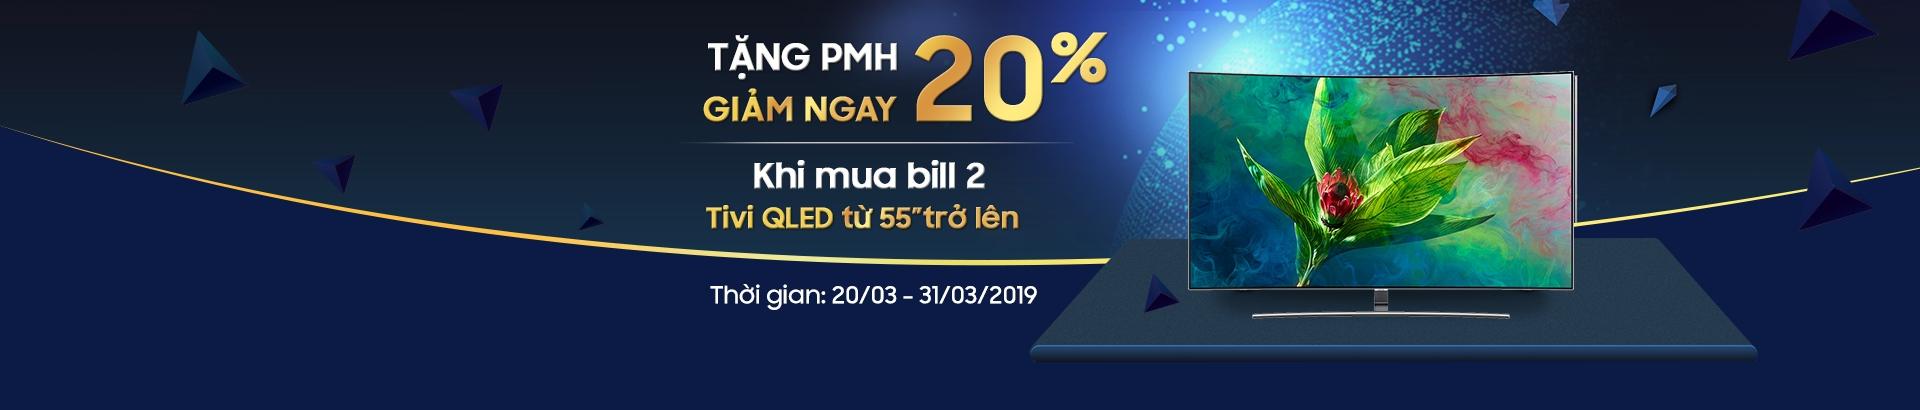 Tặng PMH giảm ngay 20% khi mua bill 2 Tivi Qled từ 55'' trở lên